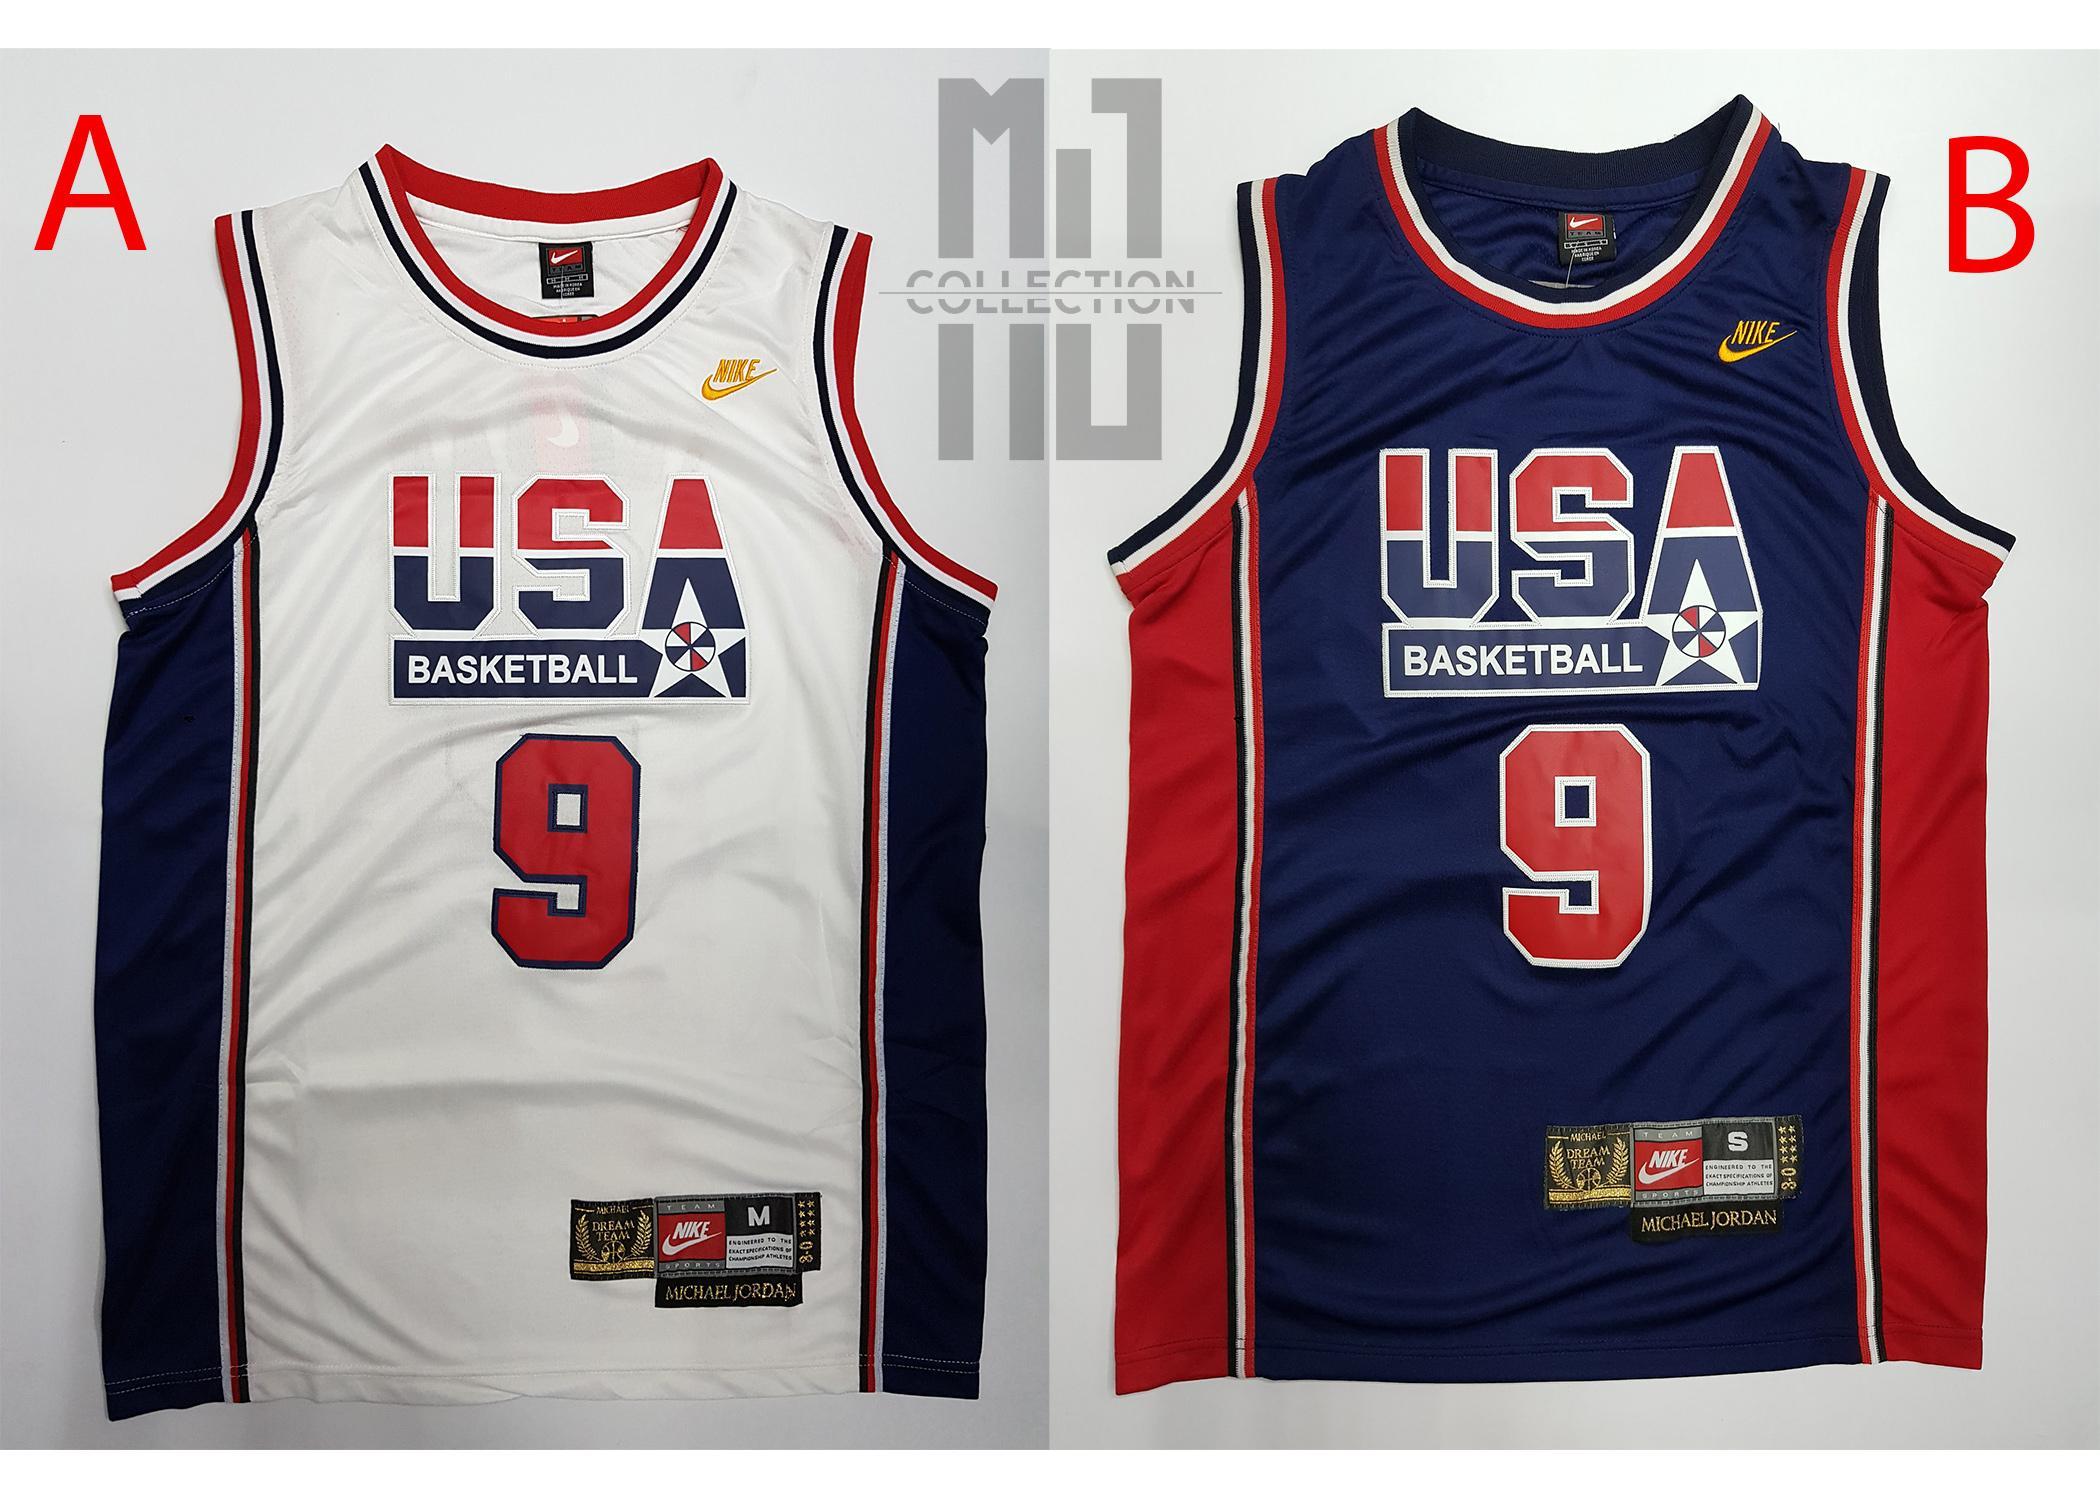 super popular 42b59 d08da Michael Jordan USA Jersey - NBA Basketball Jersey